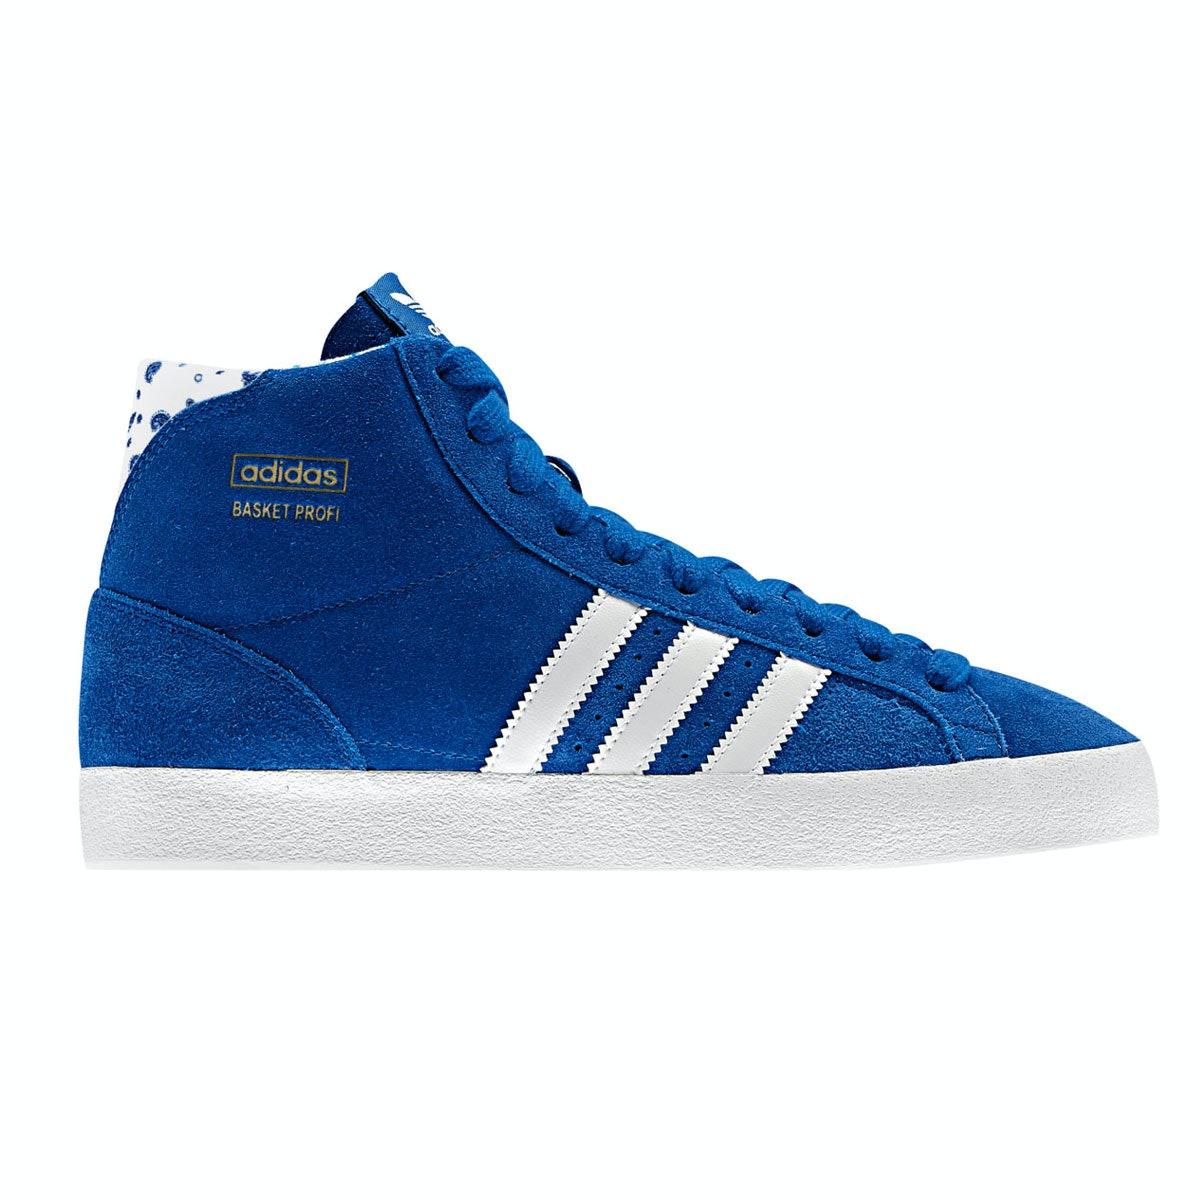 Adidas Originals basket profi up shoes, $90, [adidas.com](http://www.adidas.com/us/product/womens-or...